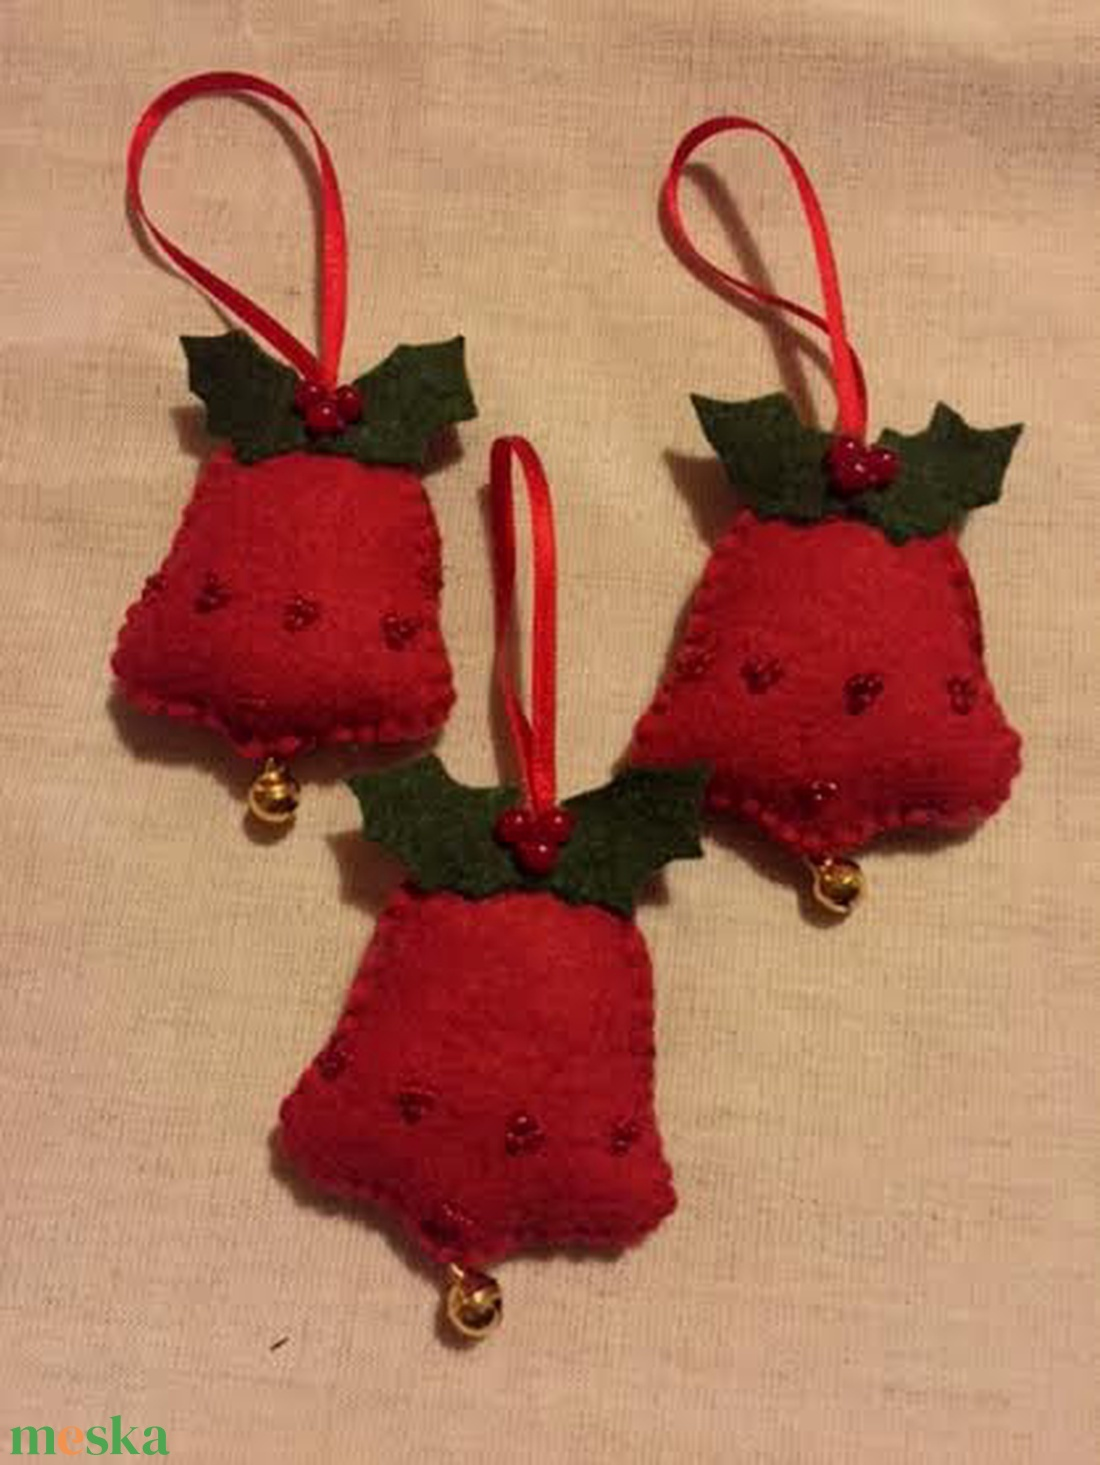 Filc karácsonyfa díszek, harangok magyal levéllel - karácsony - karácsonyi lakásdekoráció - karácsonyfadíszek - Meska.hu